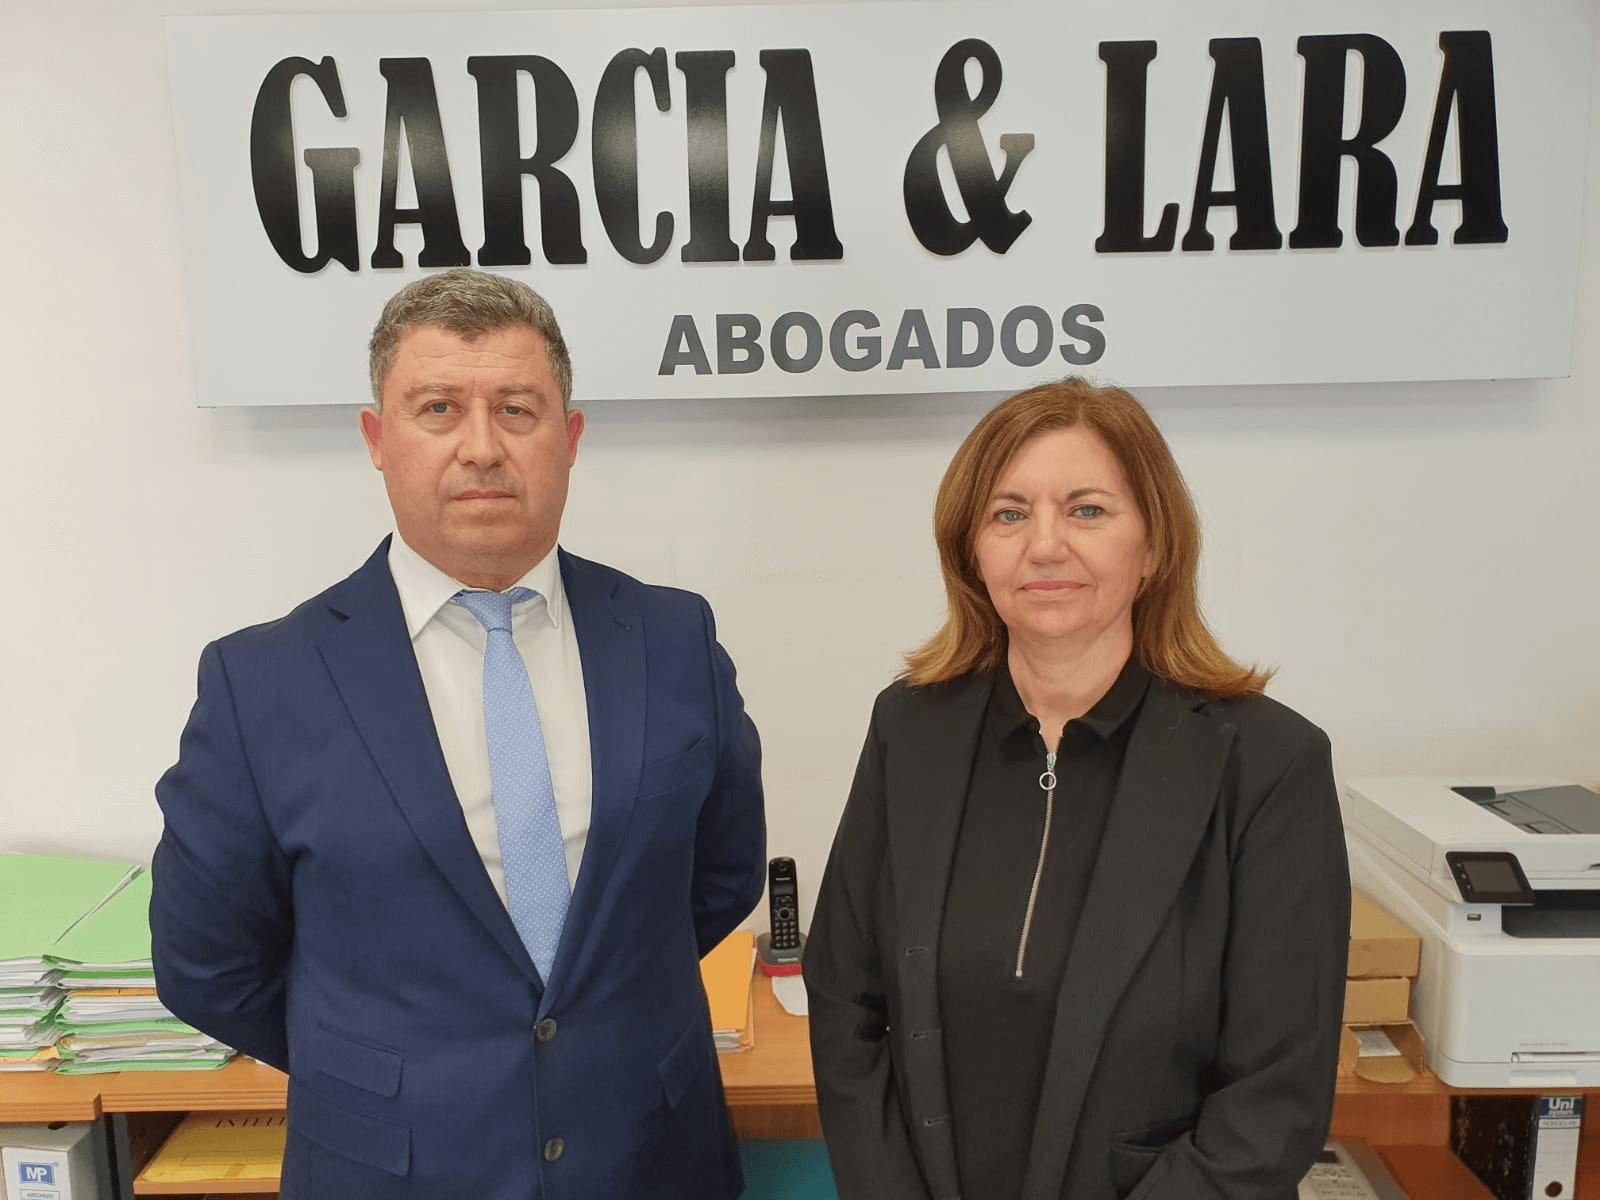 foto abogados garcia lara servicio en Tarragona y alrededores